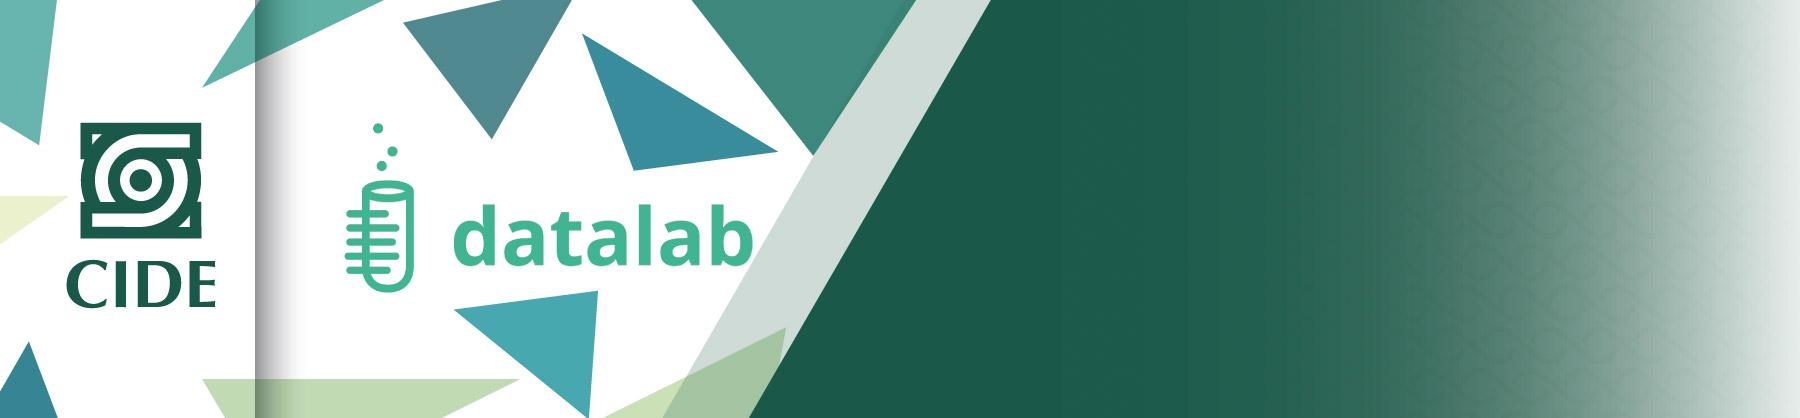 cide_conoce_los_proyectos_DataLab